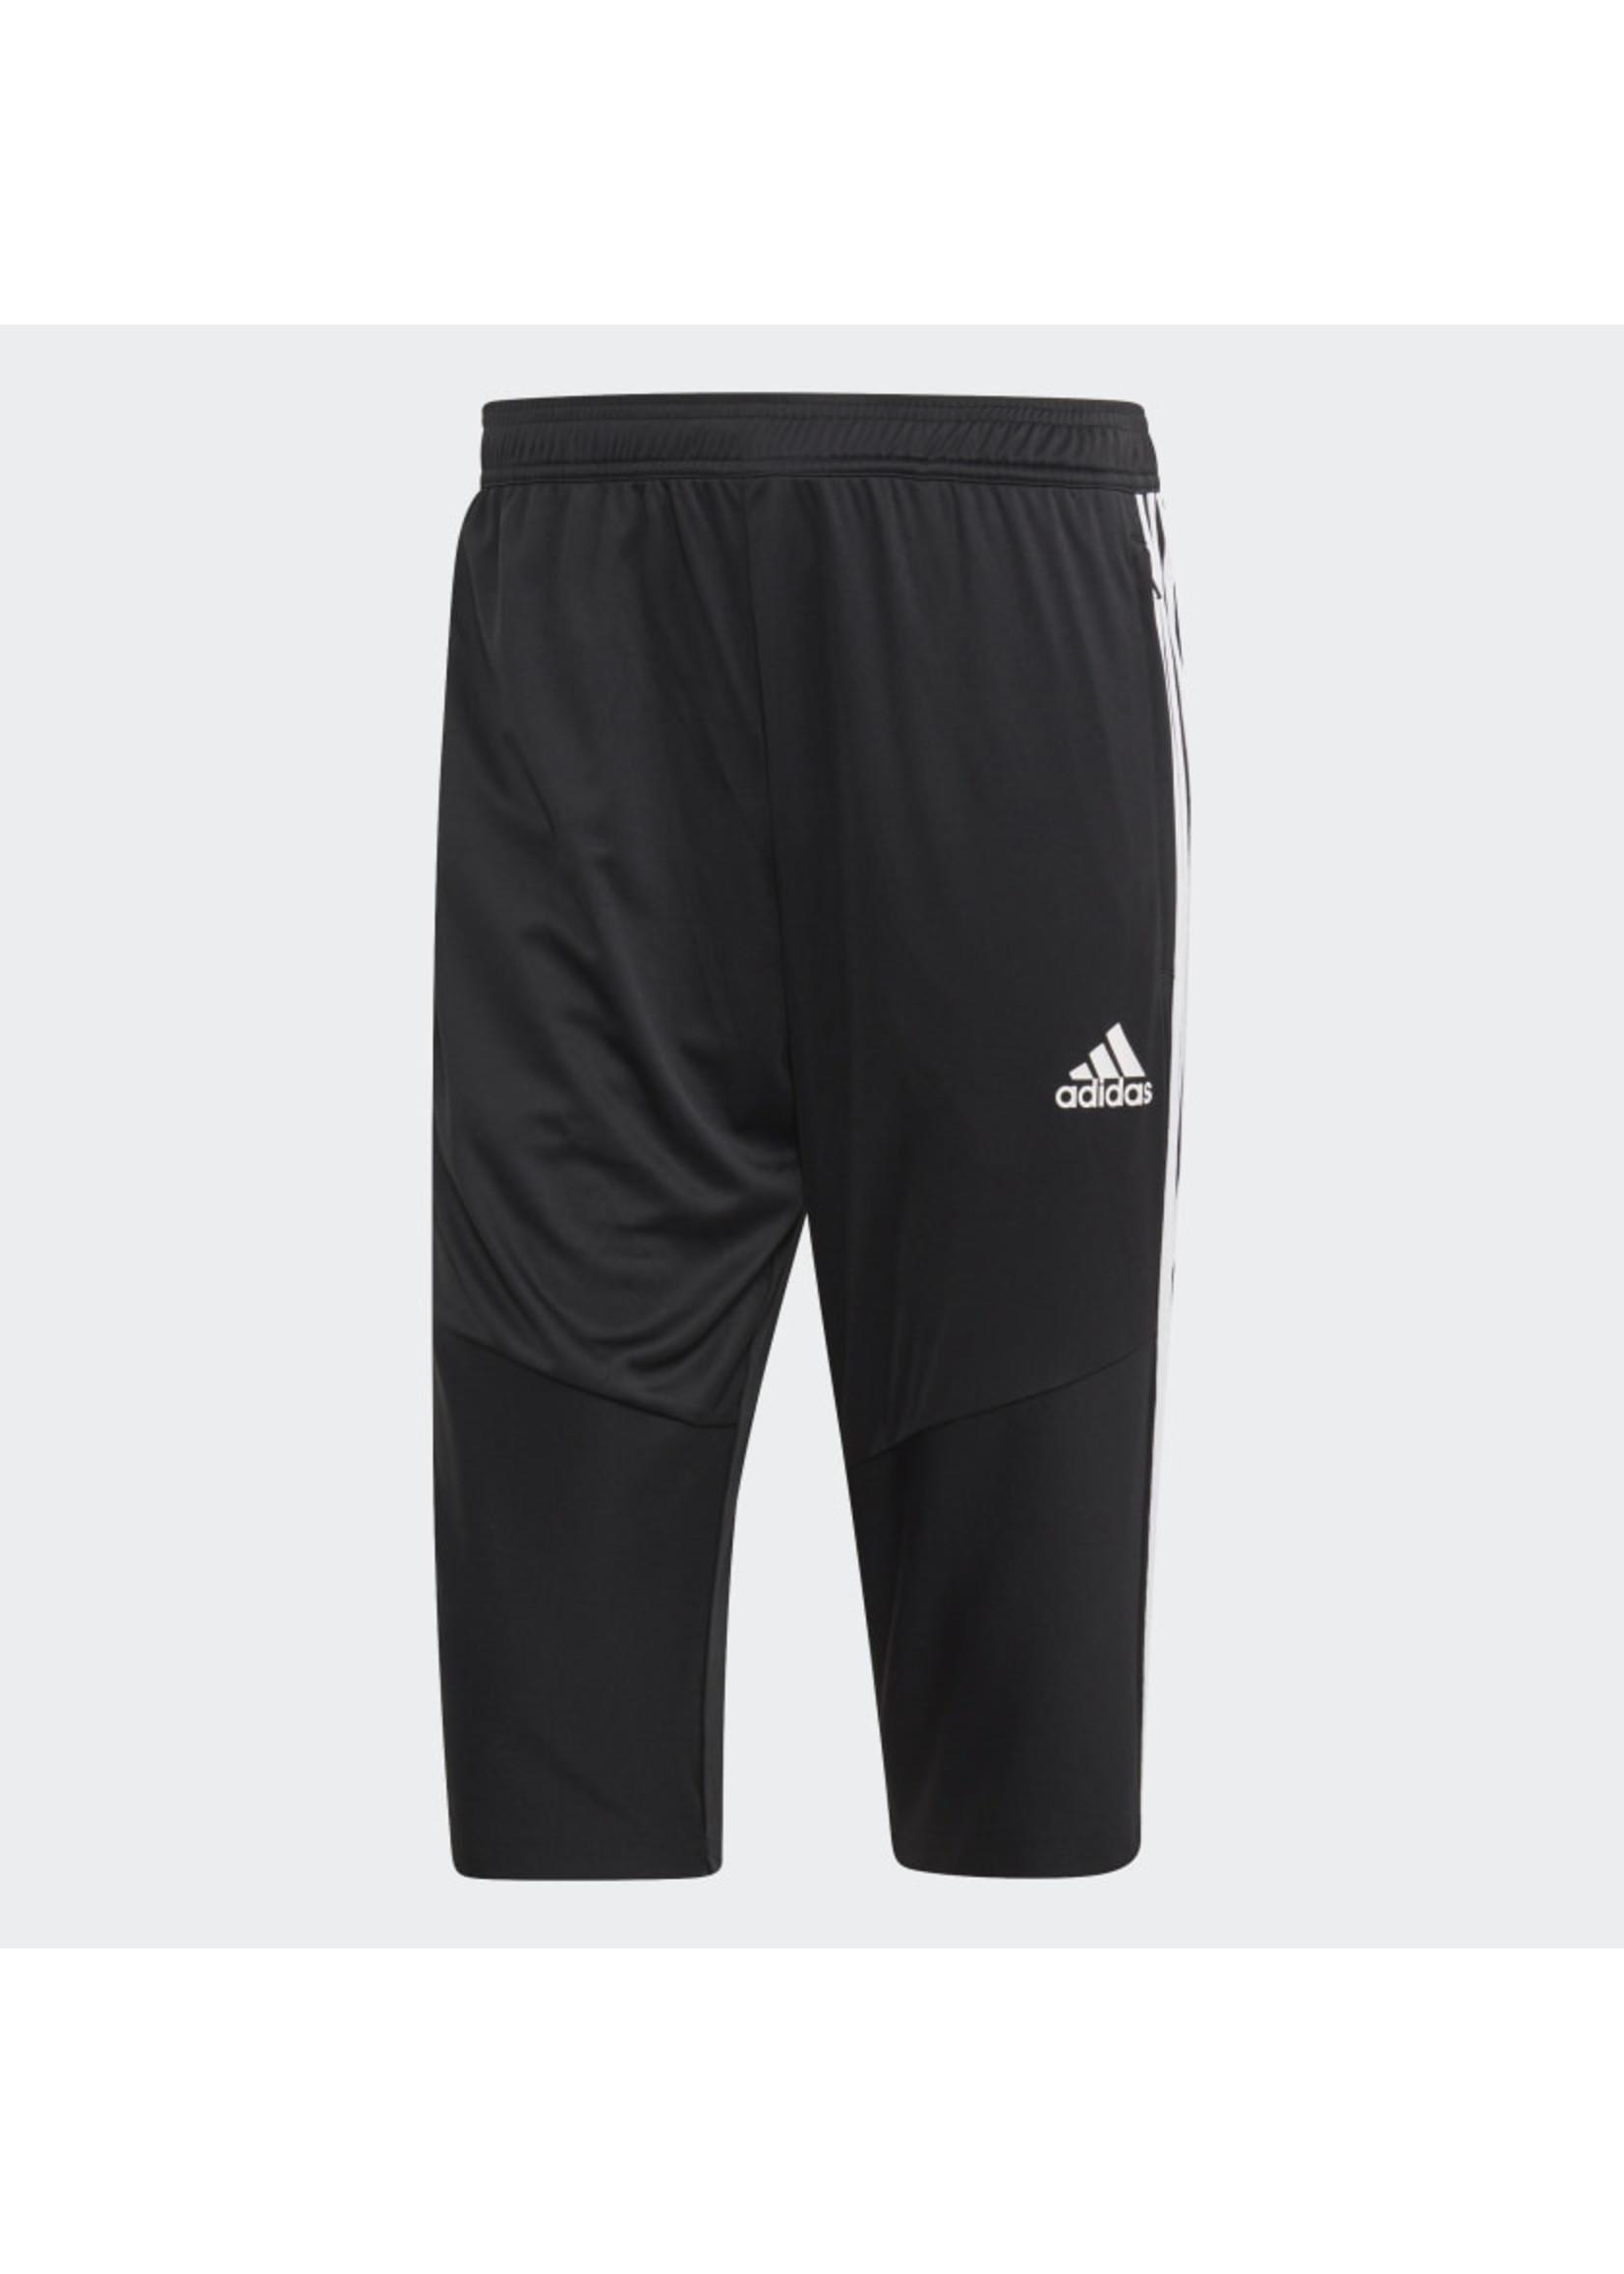 Adidas Tiro19 3/4 Pant